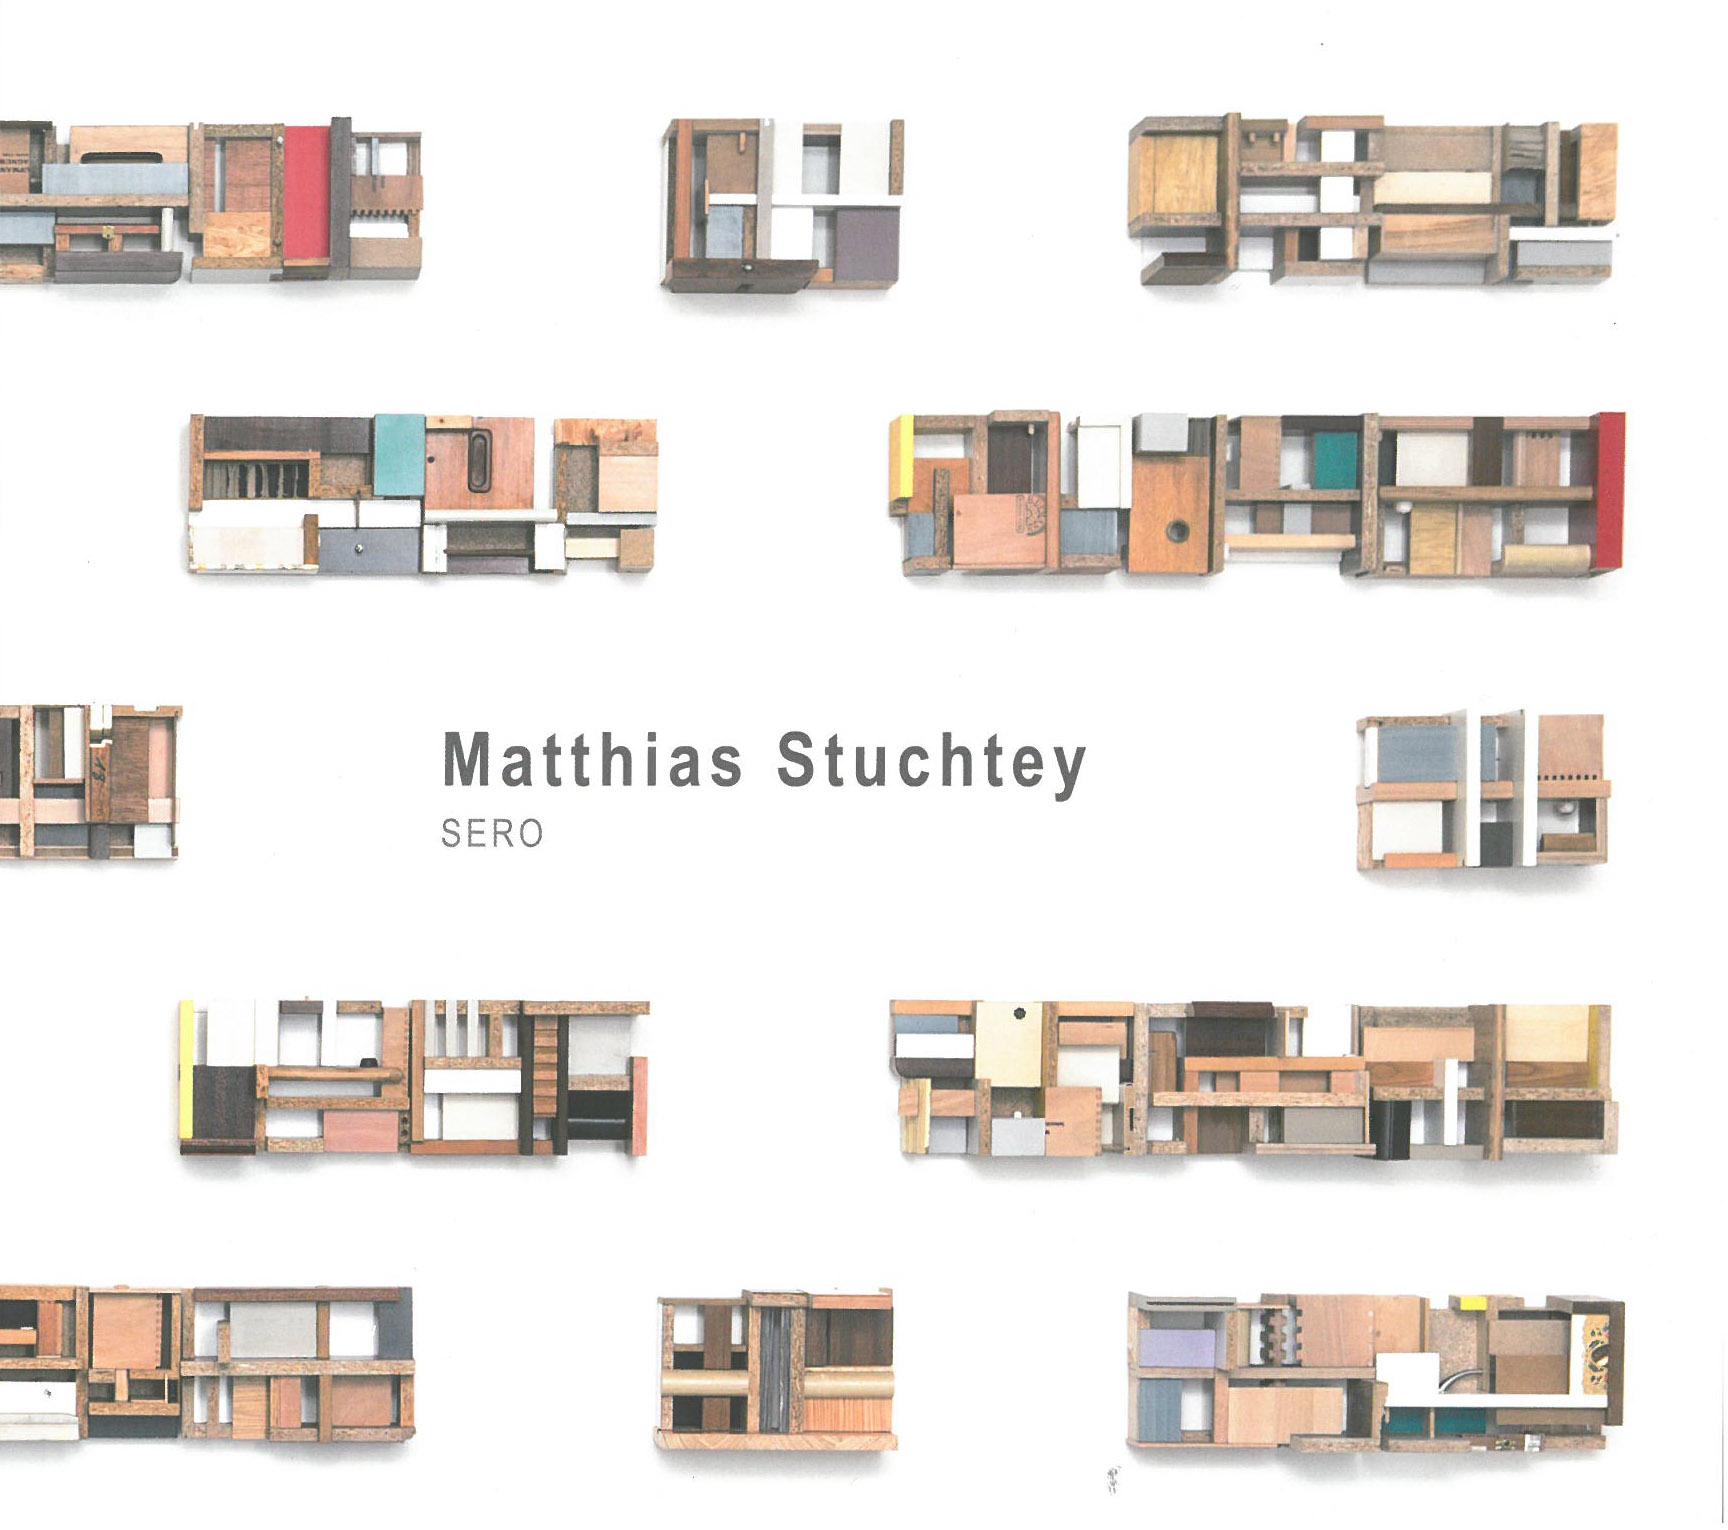 MATTHIAS STUCHTEY